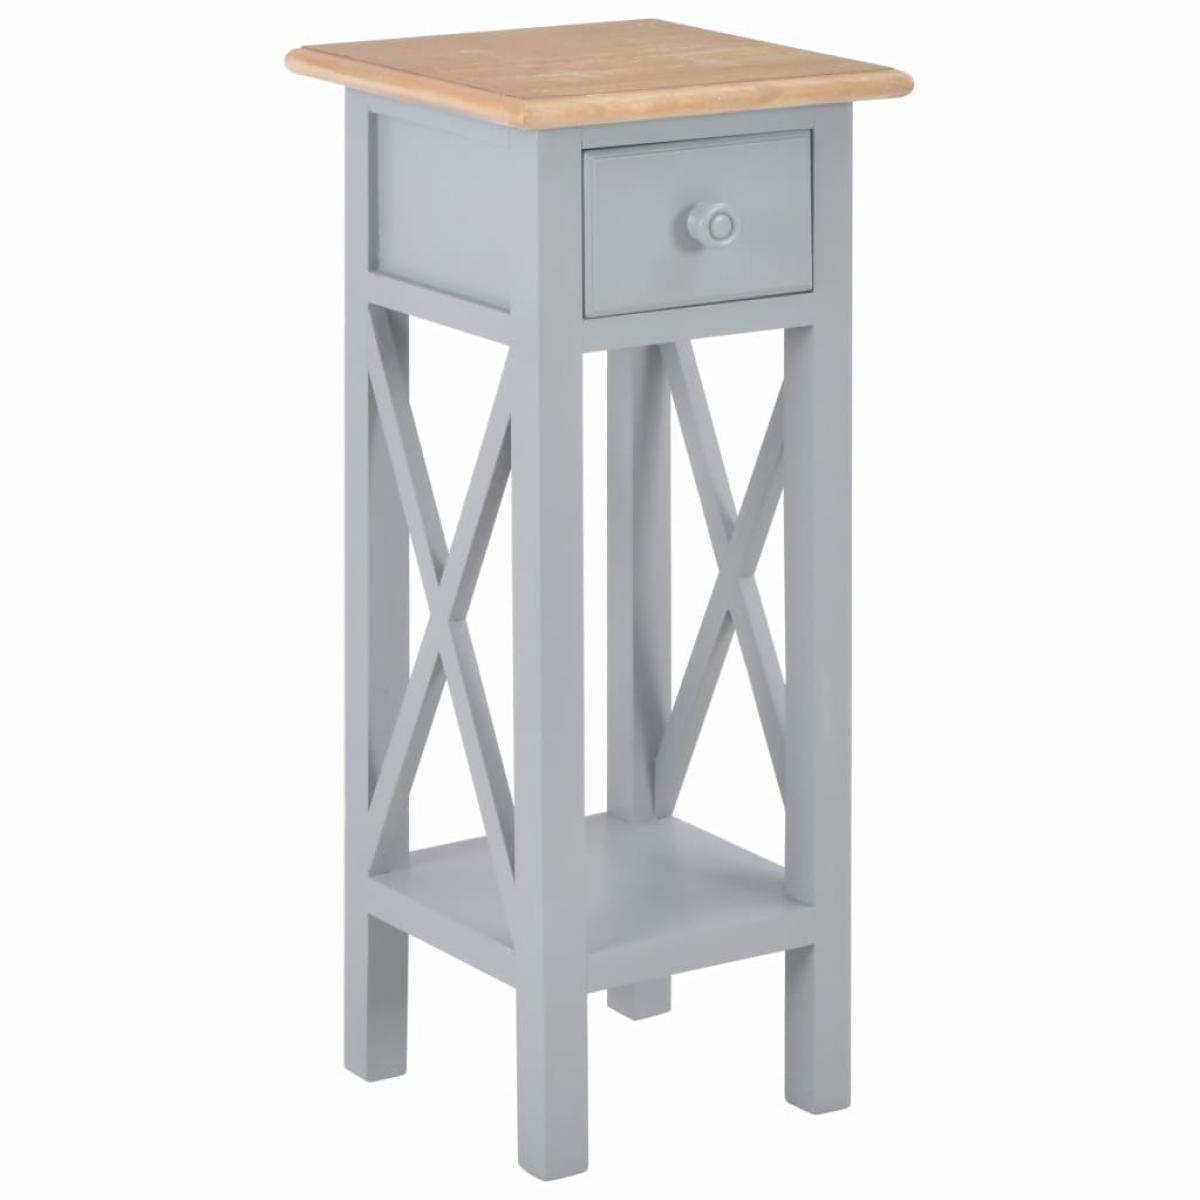 Chunhelife Table d'appoint Gris 27 x 27 x 65,5 cm Bois